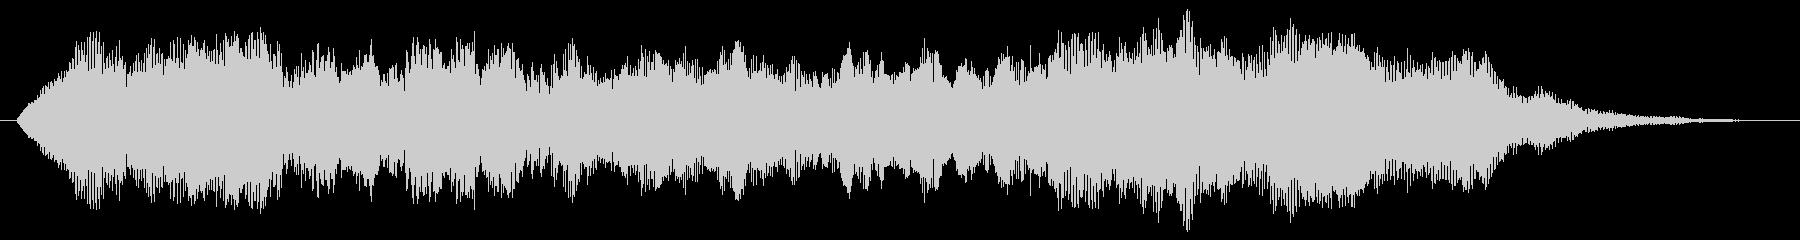 ジングル(シンセストリングス+せせらぎ)の未再生の波形